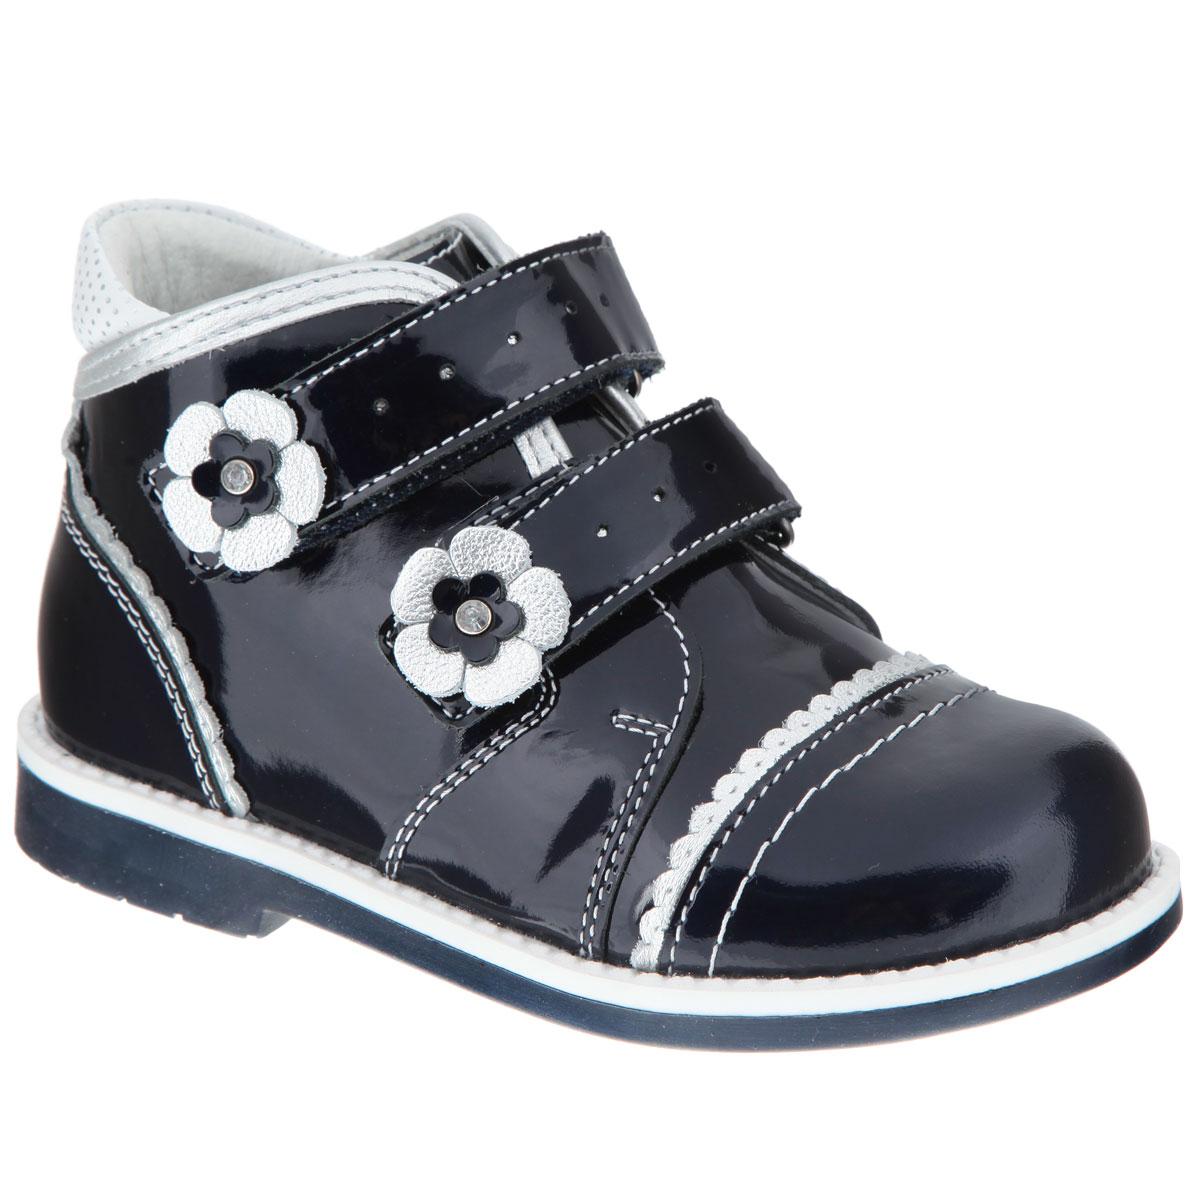 6/7-801361501Очаровательные ботинки от Elegami приведут в восторг вашу юную модницу! Модель выполнена из натуральной лакированной кожи и оформлена волнообразной окантовкой, на заднике - вставкой контрастного цвета с узором в мелкий горошек. Два ремешка на застежках-липучках, дополненные перфорацией и аппликациями в виде цветочков, прочно зафиксируют модель на ноге. Стелька из натуральной кожи с супинатором гарантирует правильное положение ноги ребенка при ходьбе, предотвращает плоскостопие. Низкий каблук и подошва с рифлением обеспечивают идеальное сцепление с любыми поверхностями. Удобные ботинки - необходимая вещь в гардеробе каждого ребенка.